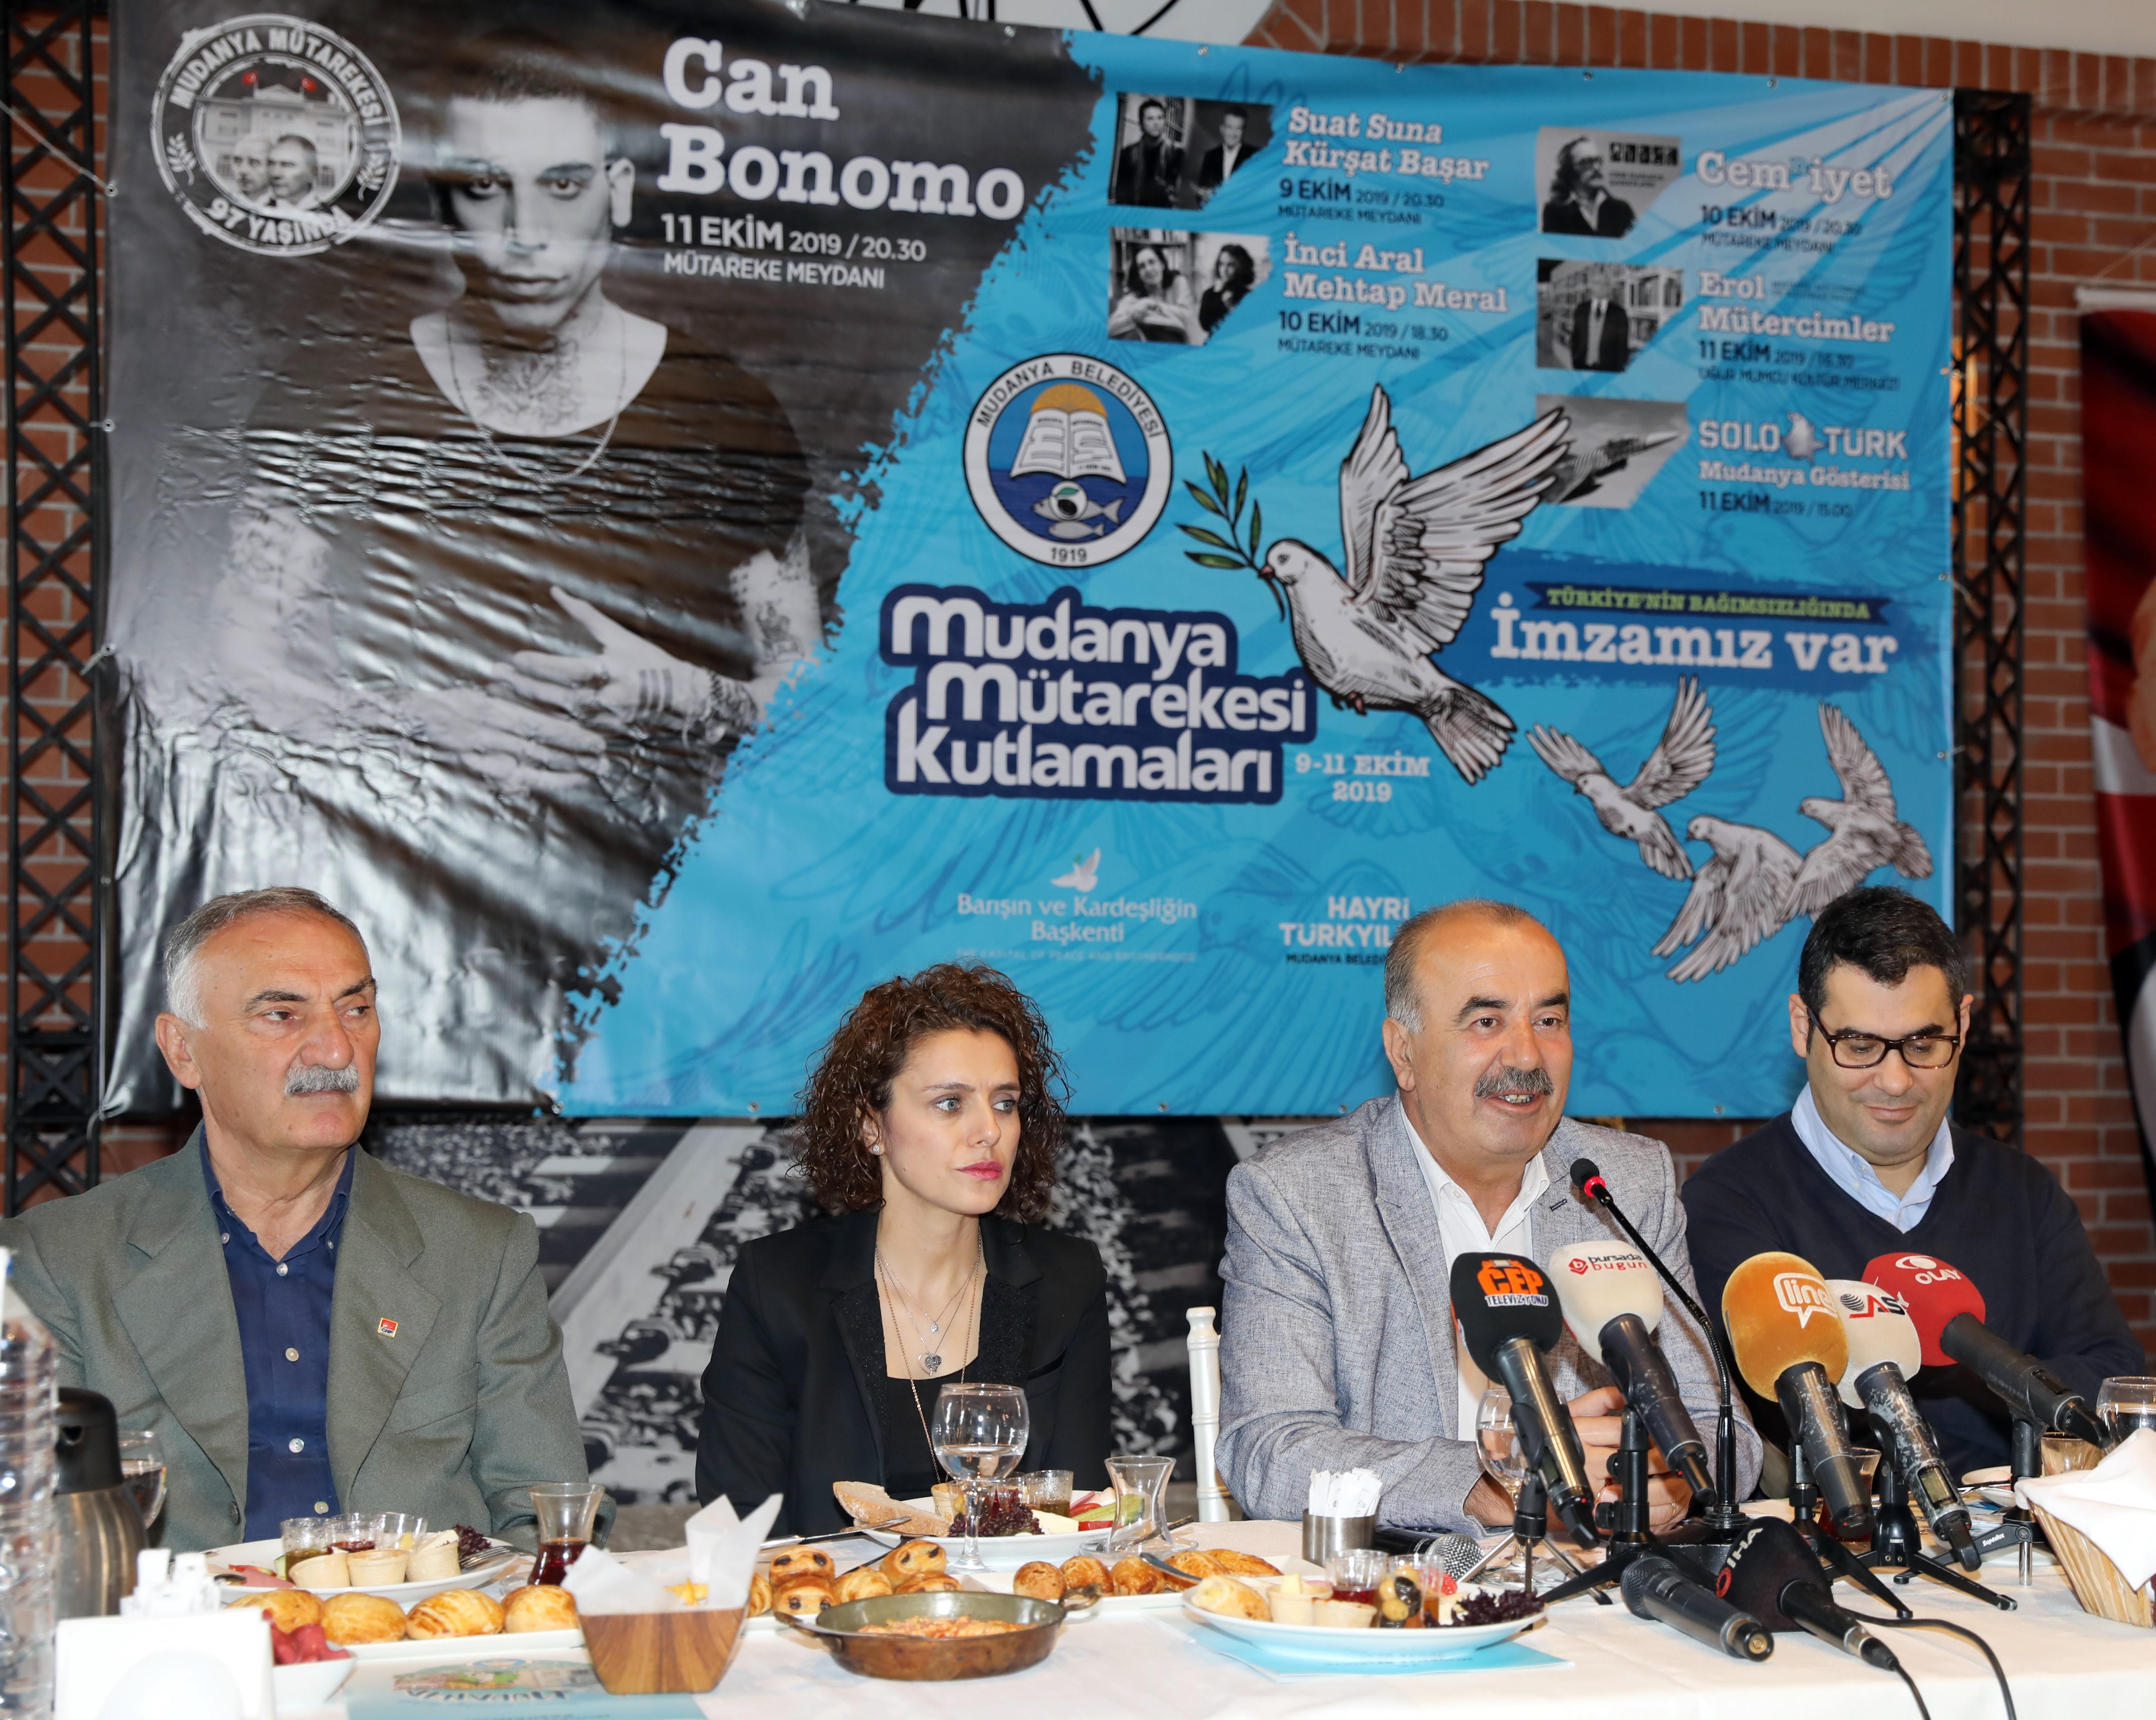 Mudanya Mütarekesi 97. yılı kutlama etkinlikleri başlıyor